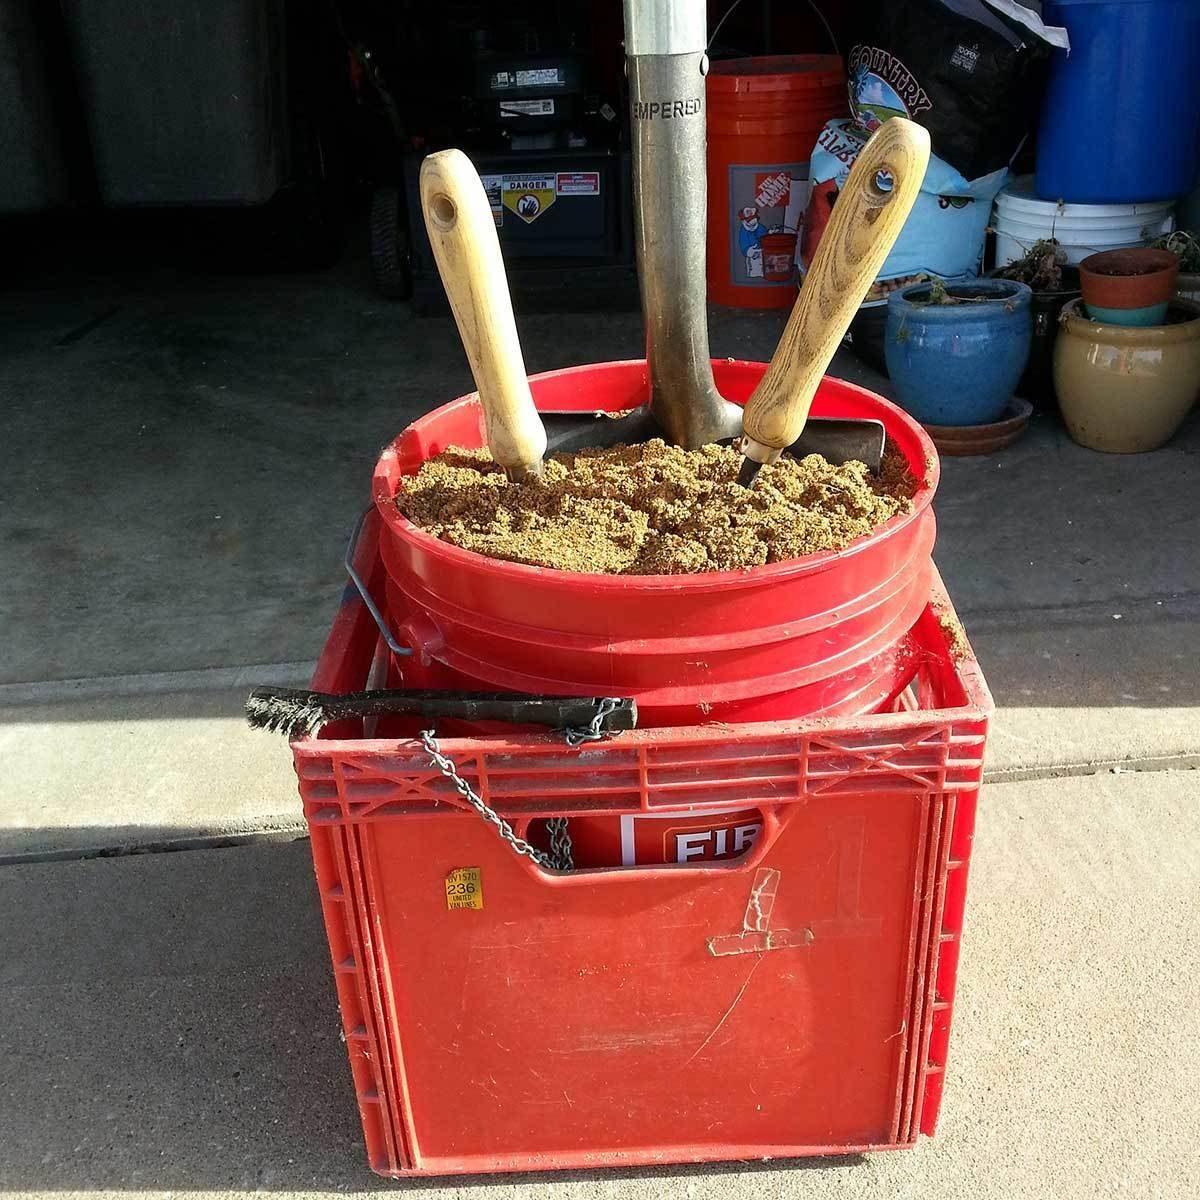 de-Rust Garden Tools